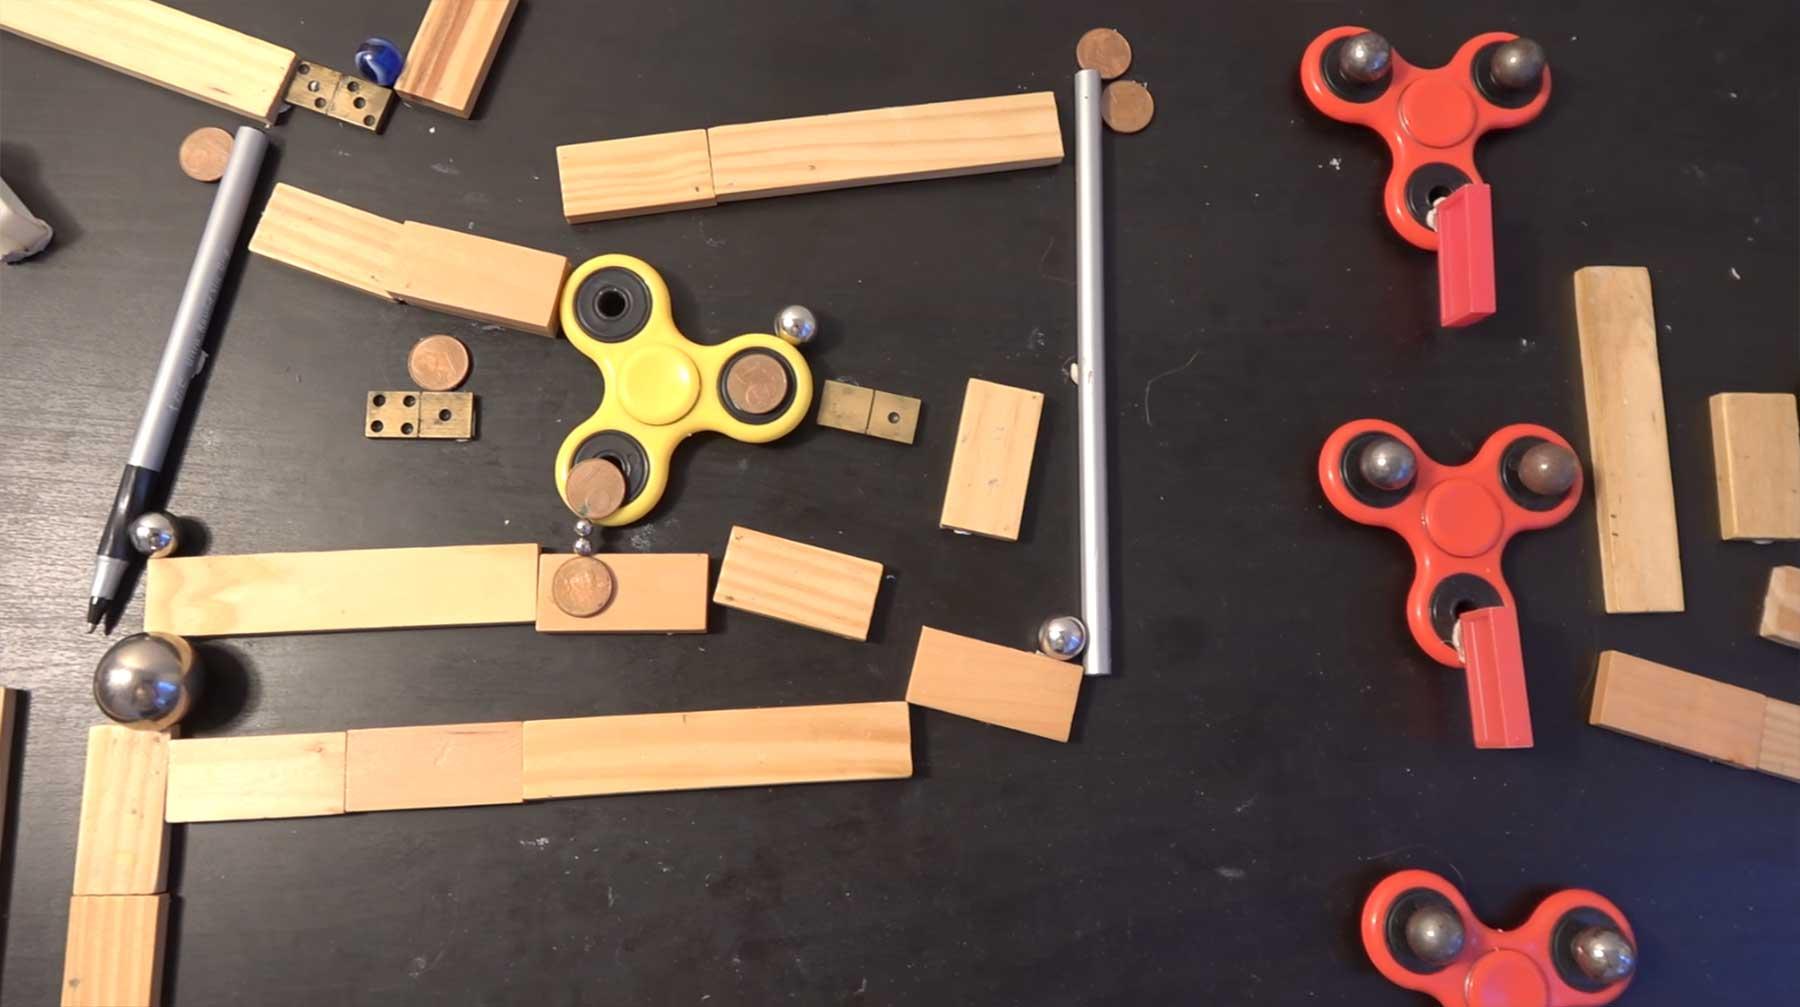 Kettenreaktion mit Fidget Spinnern fidget-spinner-kettenreaktion-murmelbahn